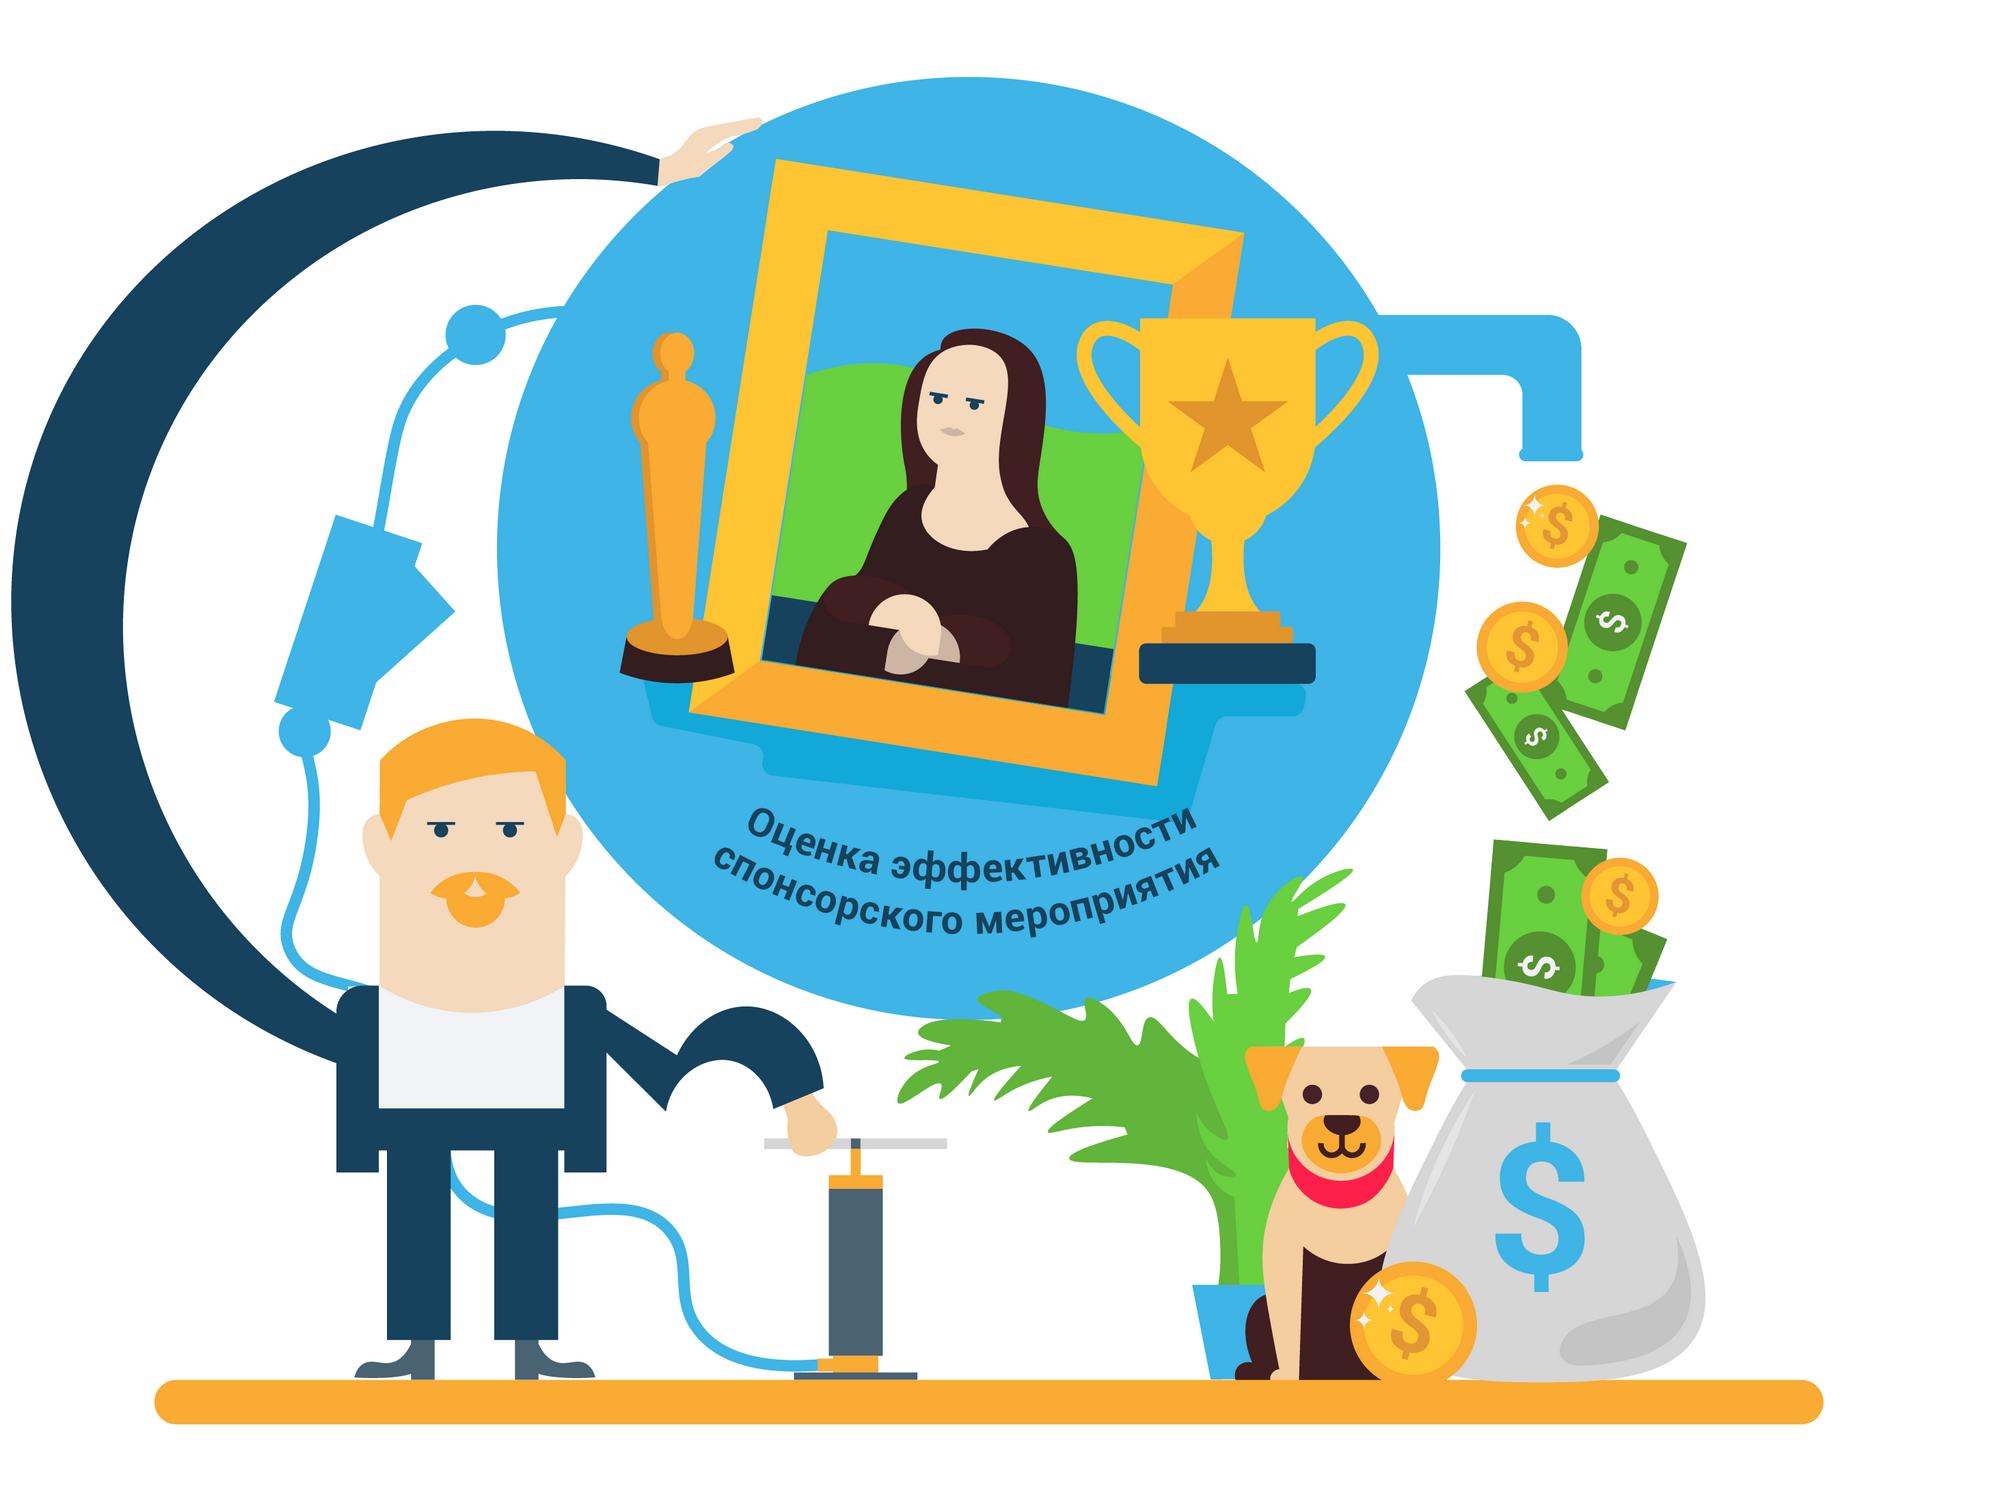 ROI спонсорства, рентабельность спонсорства, оценка эффективности спонсорства, эффективное спонсорство, эффективная активация, AdoptoMedia